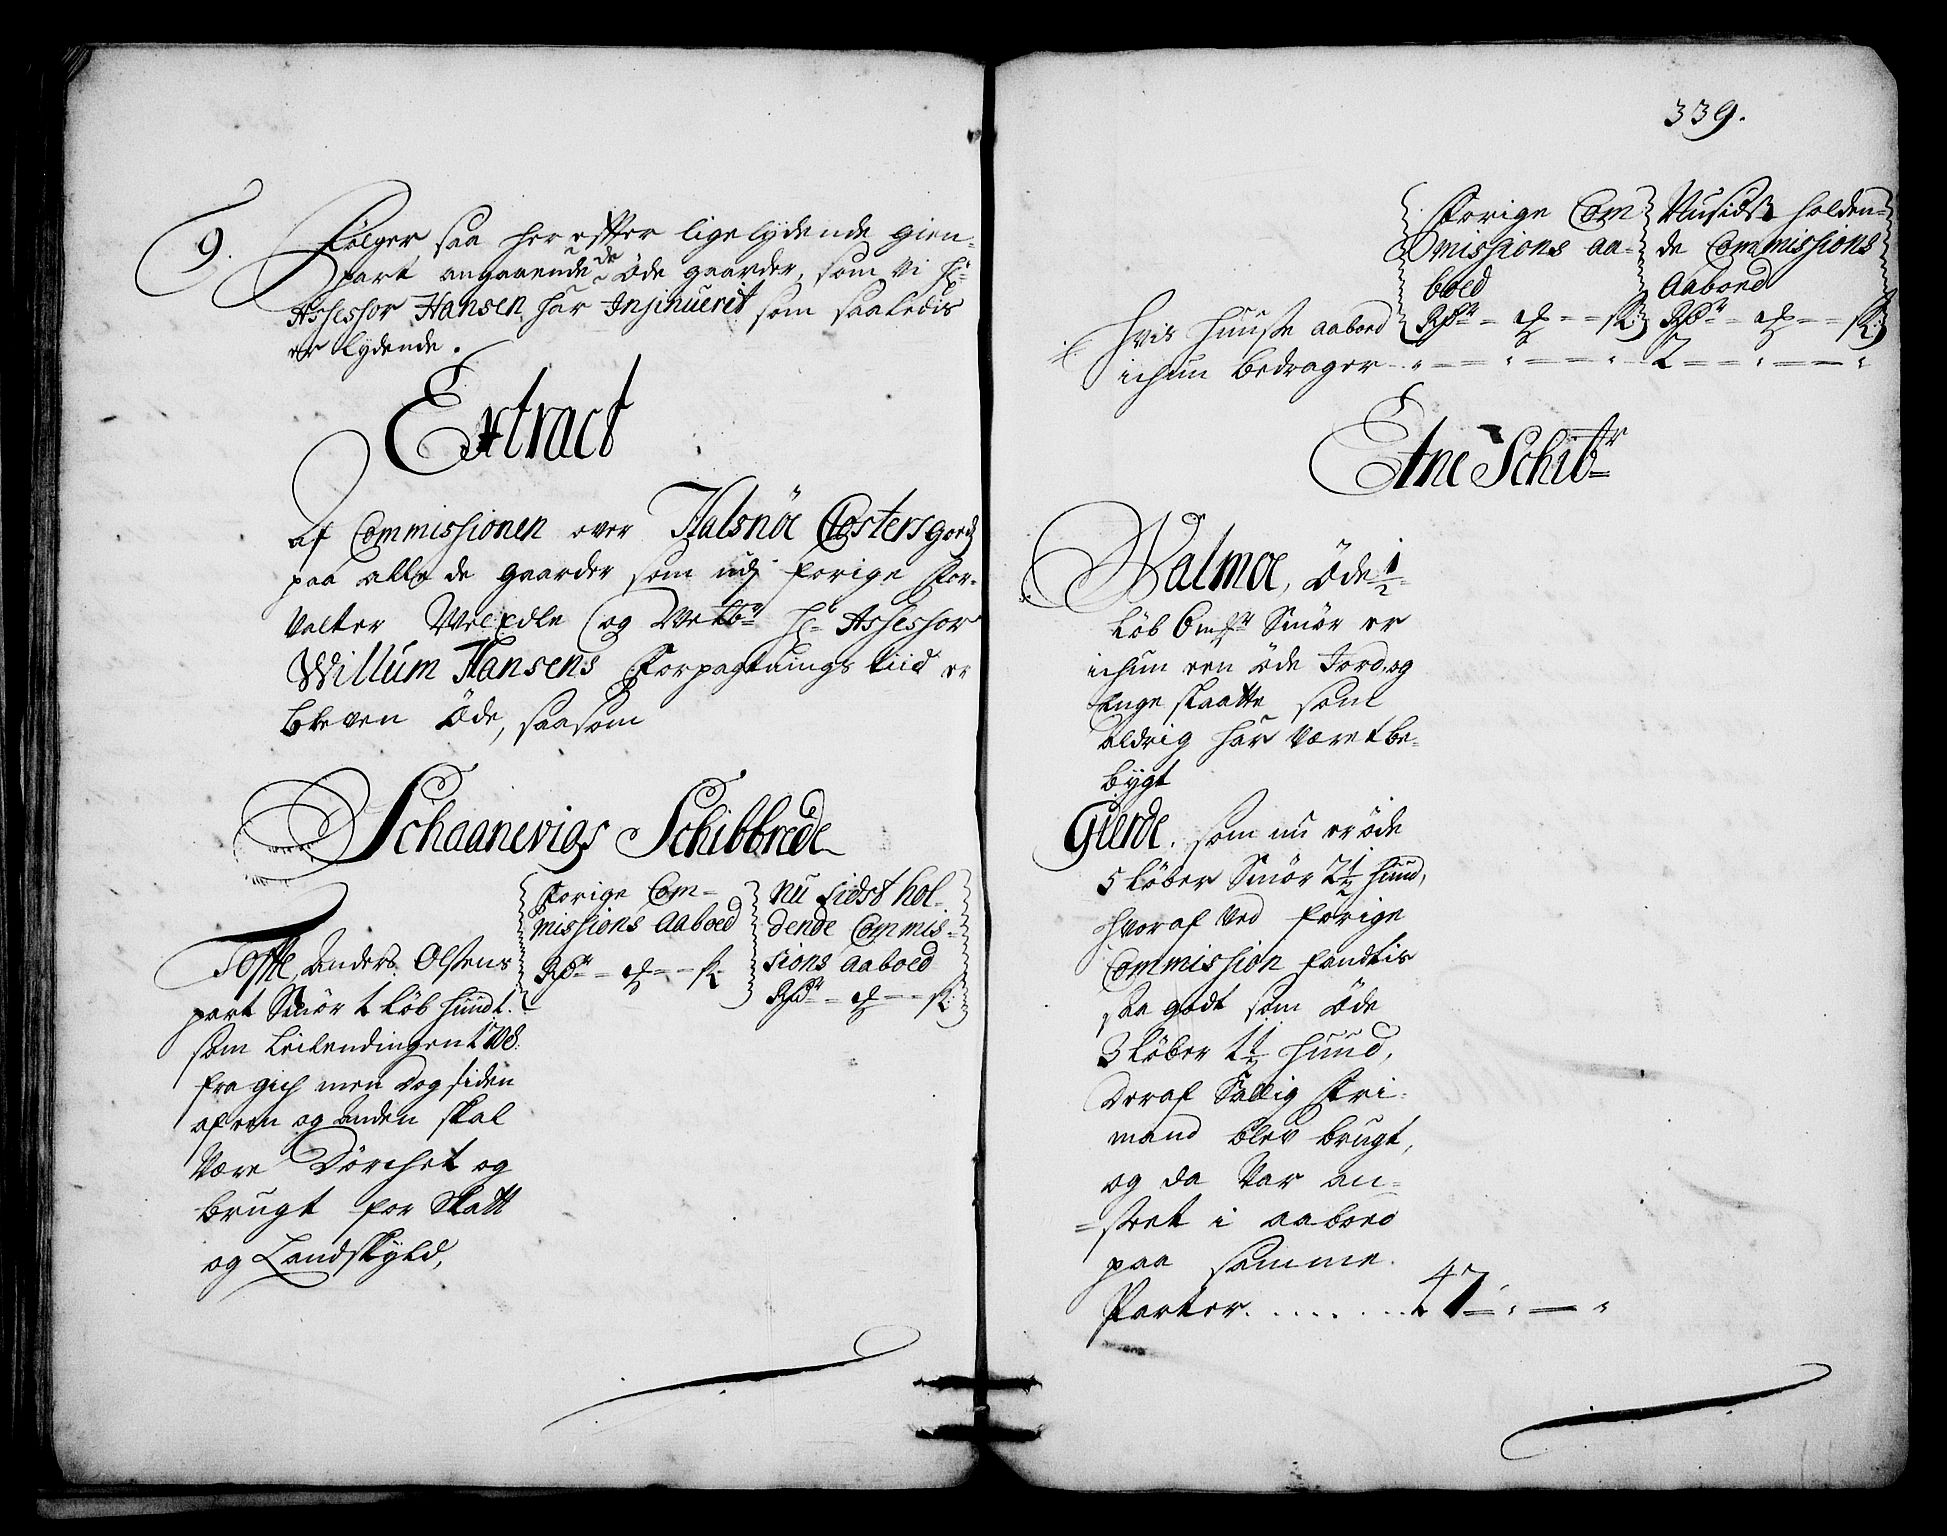 RA, Rentekammeret inntil 1814, Realistisk ordnet avdeling, On/L0003: [Jj 4]: Kommisjonsforretning over Vilhelm Hanssøns forpaktning av Halsnøy klosters gods, 1712-1722, s. 338b-339a